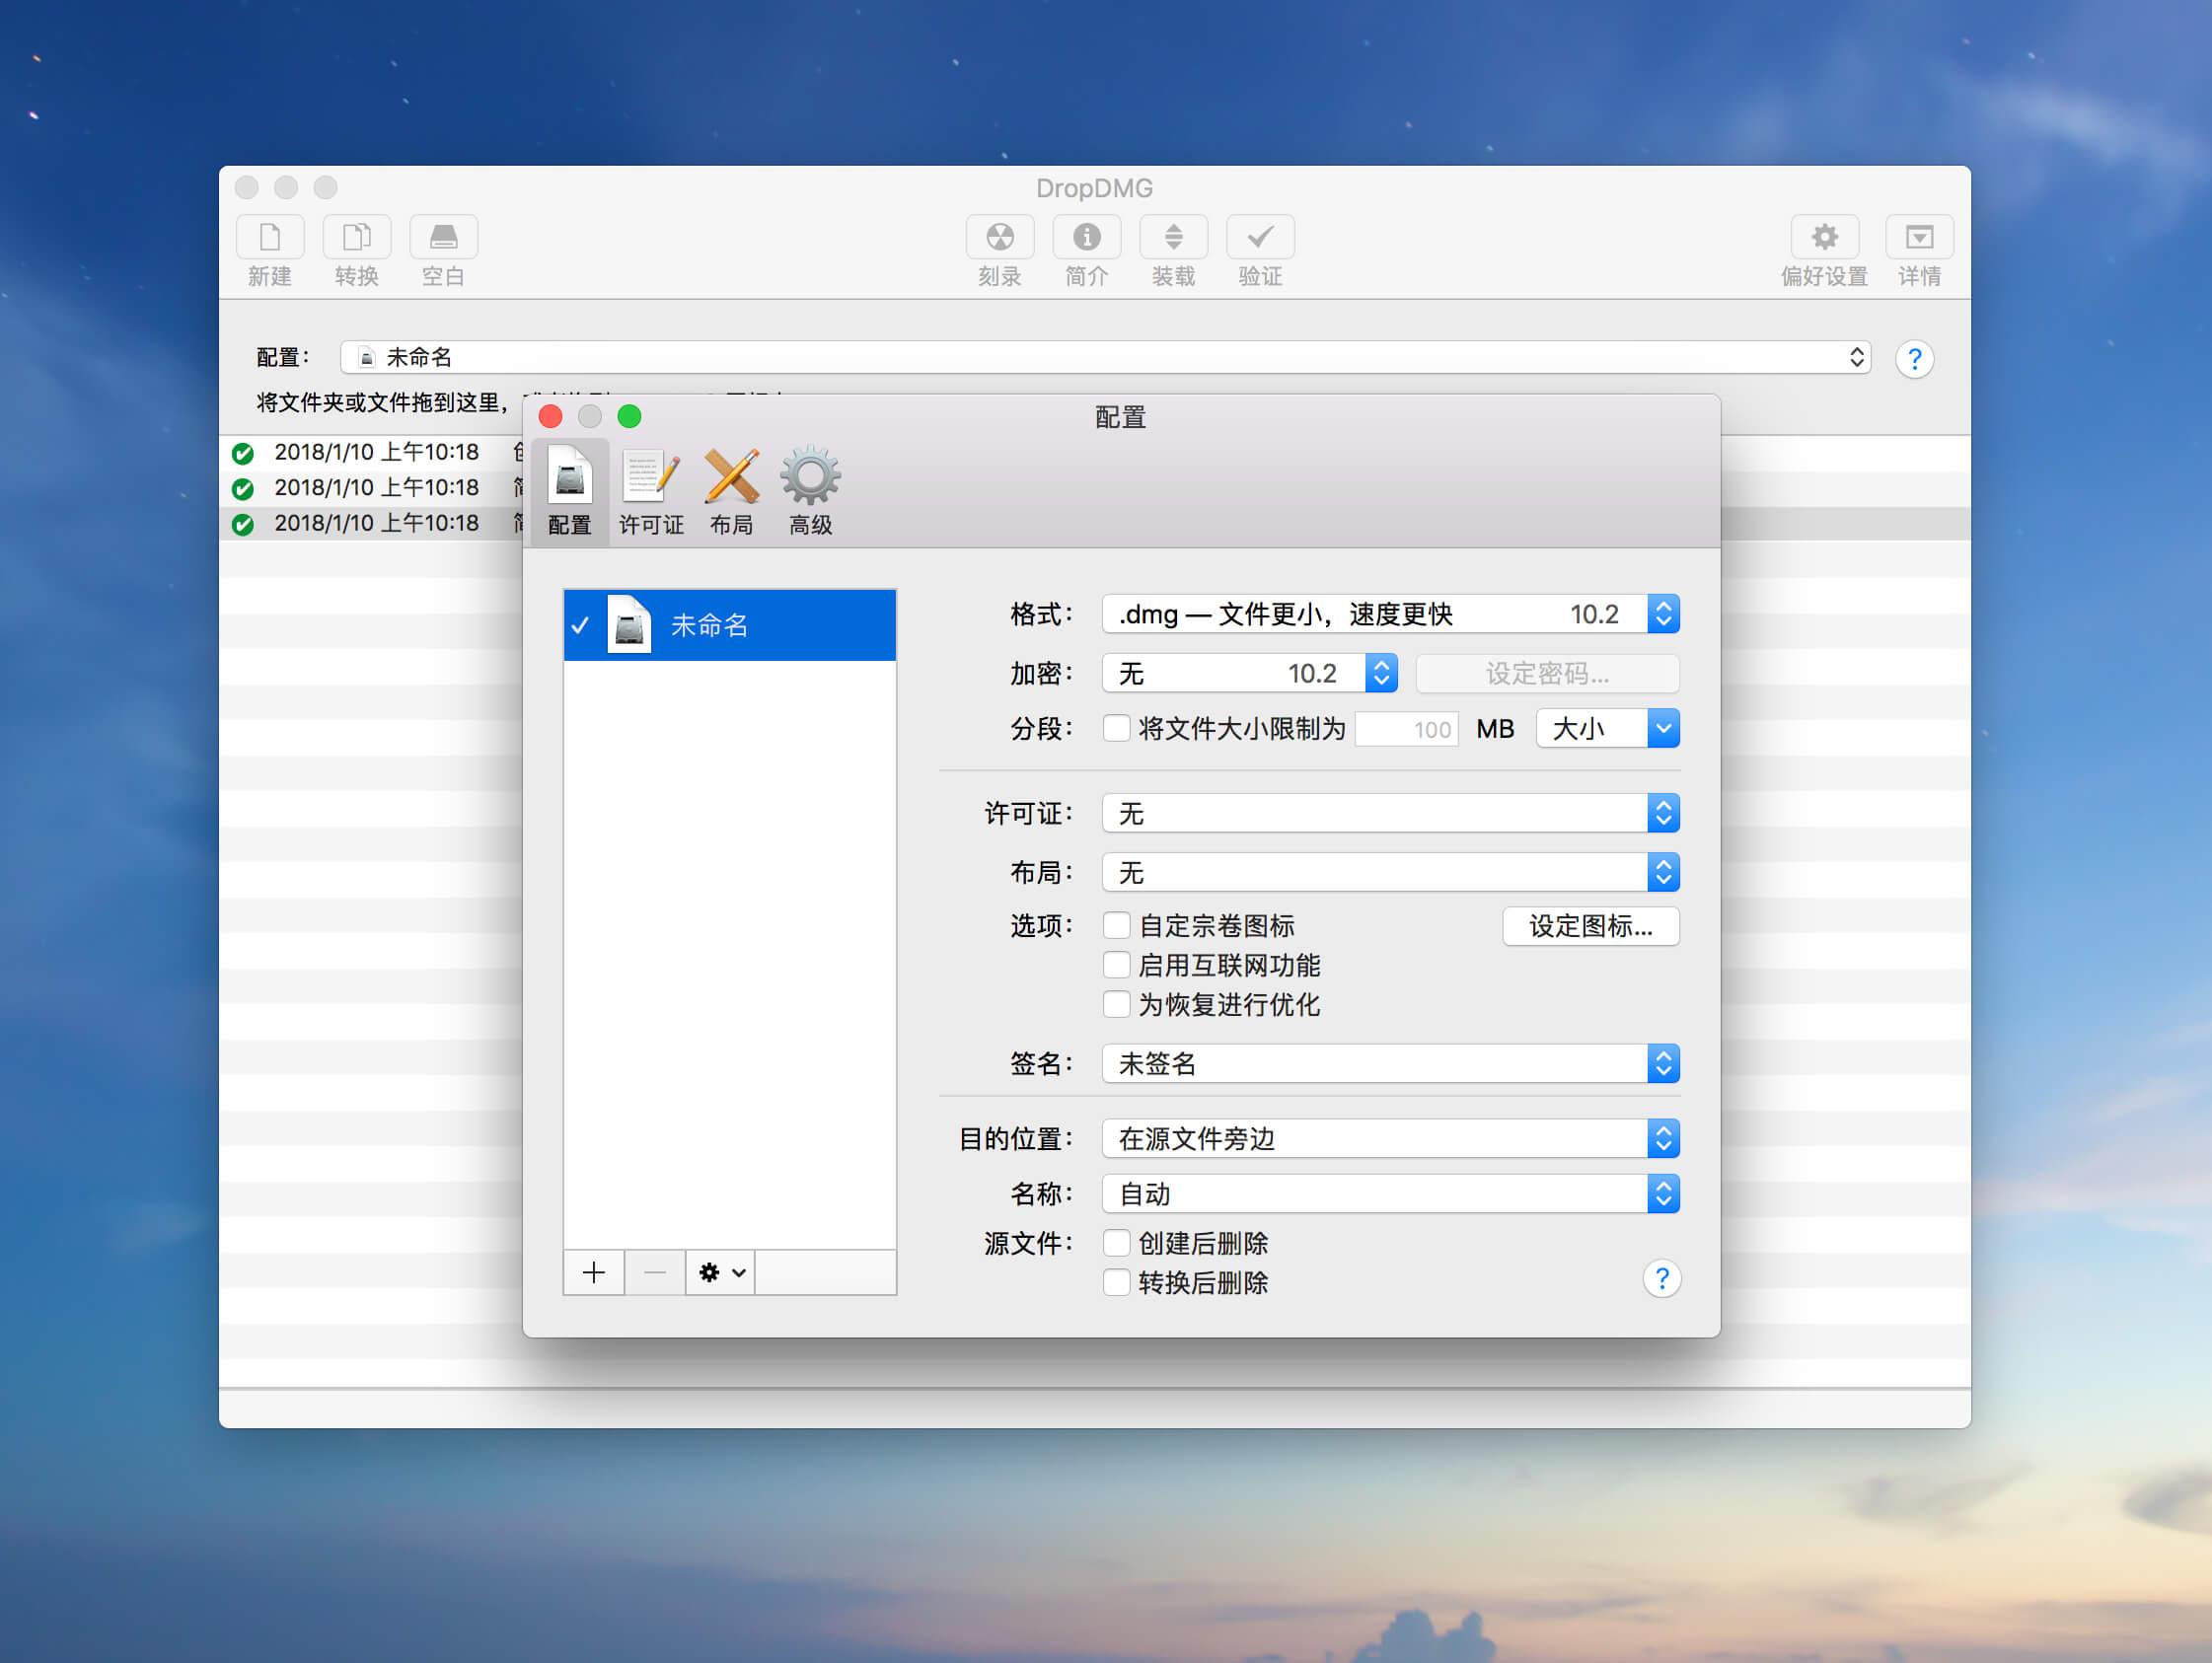 DropDMG v3.5.5 轻松制作dmg文件